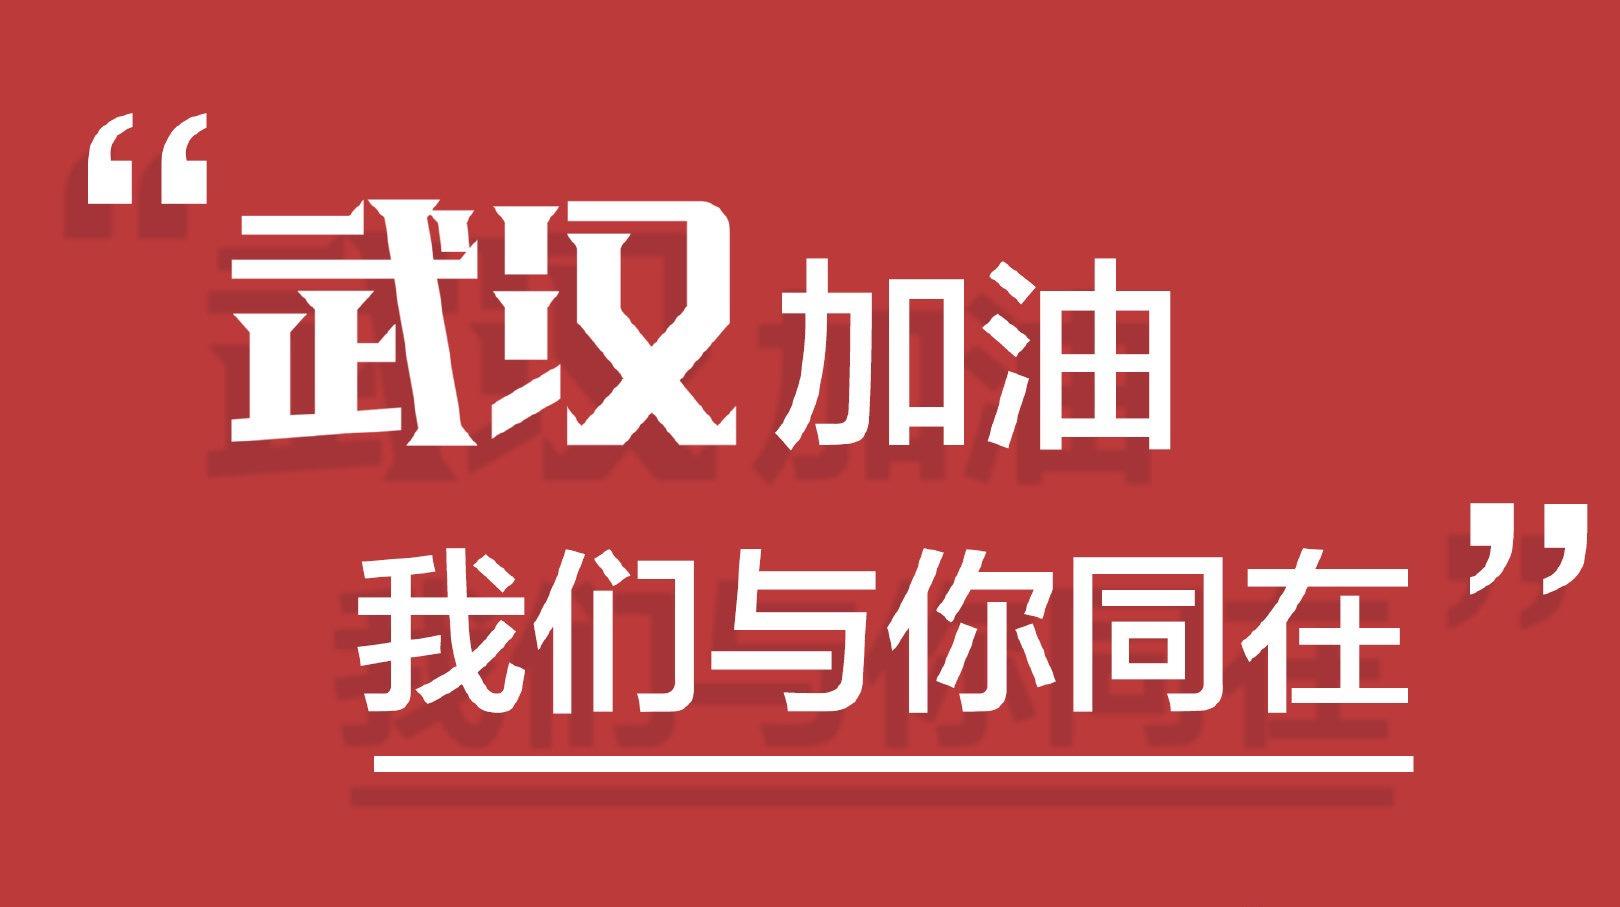 心系武汉,尽其所能,西瓜商学院定向捐赠物资给武汉市慈善总会